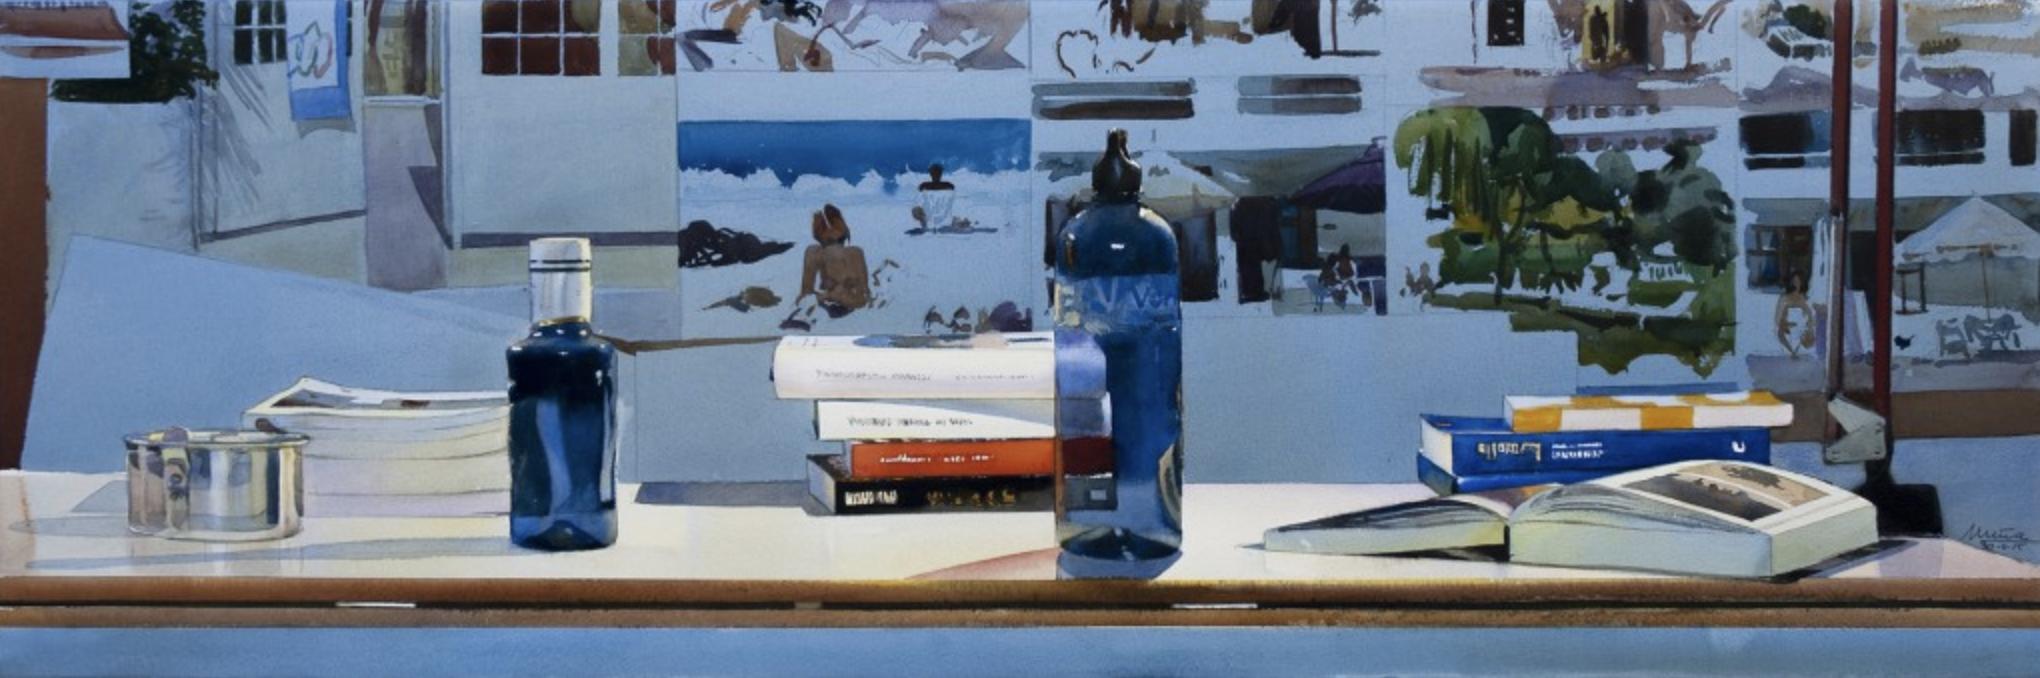 Dos botellas II, 2015 © Joaquín Ureña